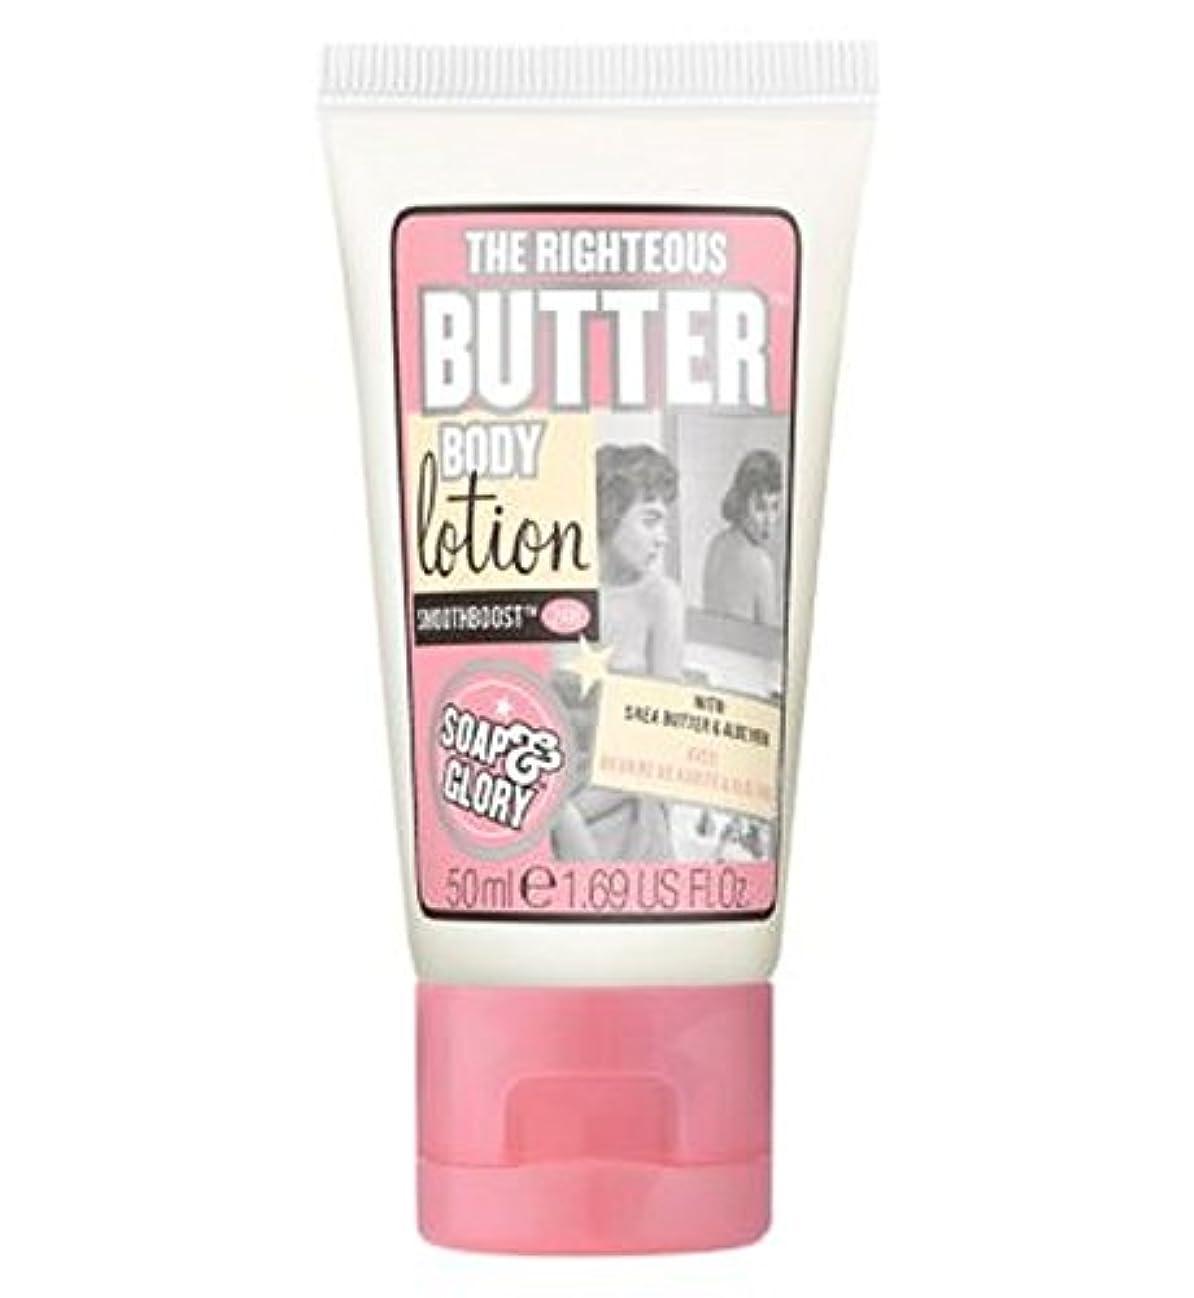 架空のコミットシチリアSoap & Glory The Righteous Butter Lotion 50ml - 石鹸&栄光正義のバターローション50ミリリットル (Soap & Glory) [並行輸入品]